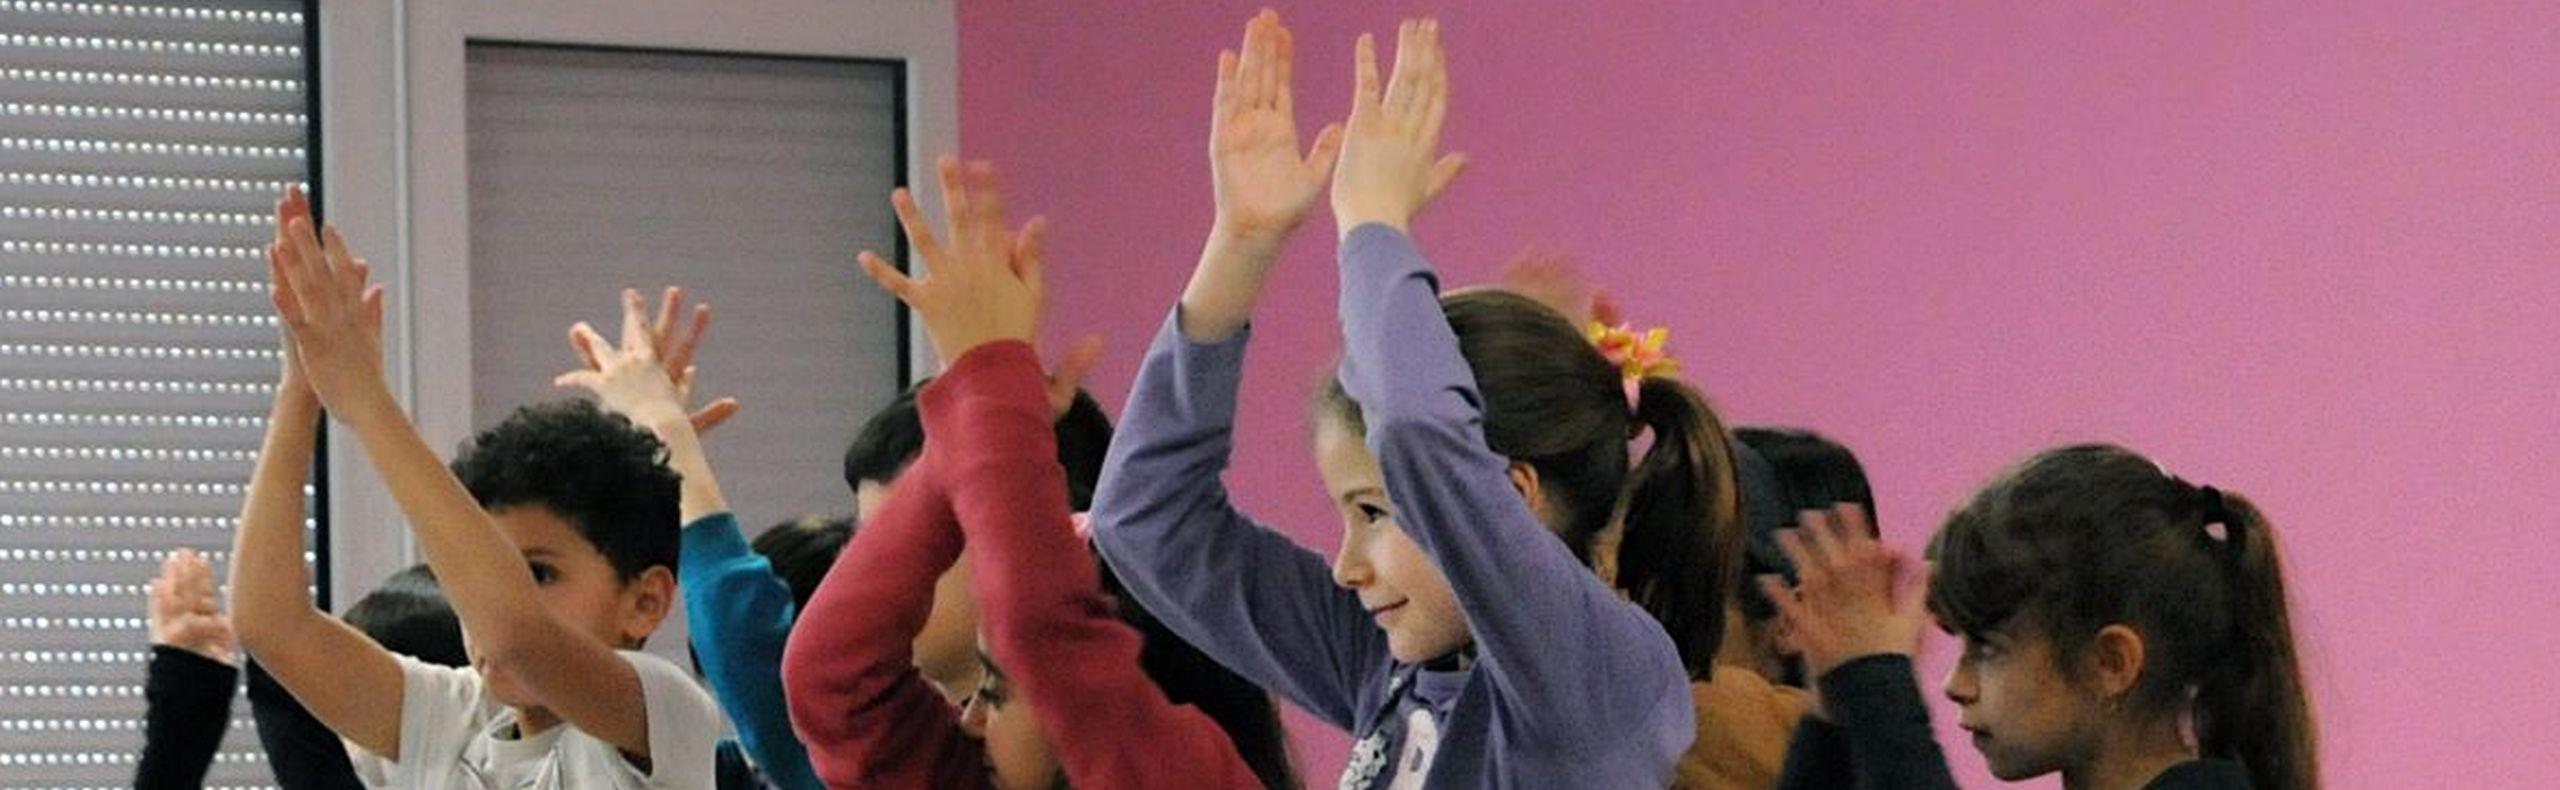 Action culturelle : des percussions dans mon école !